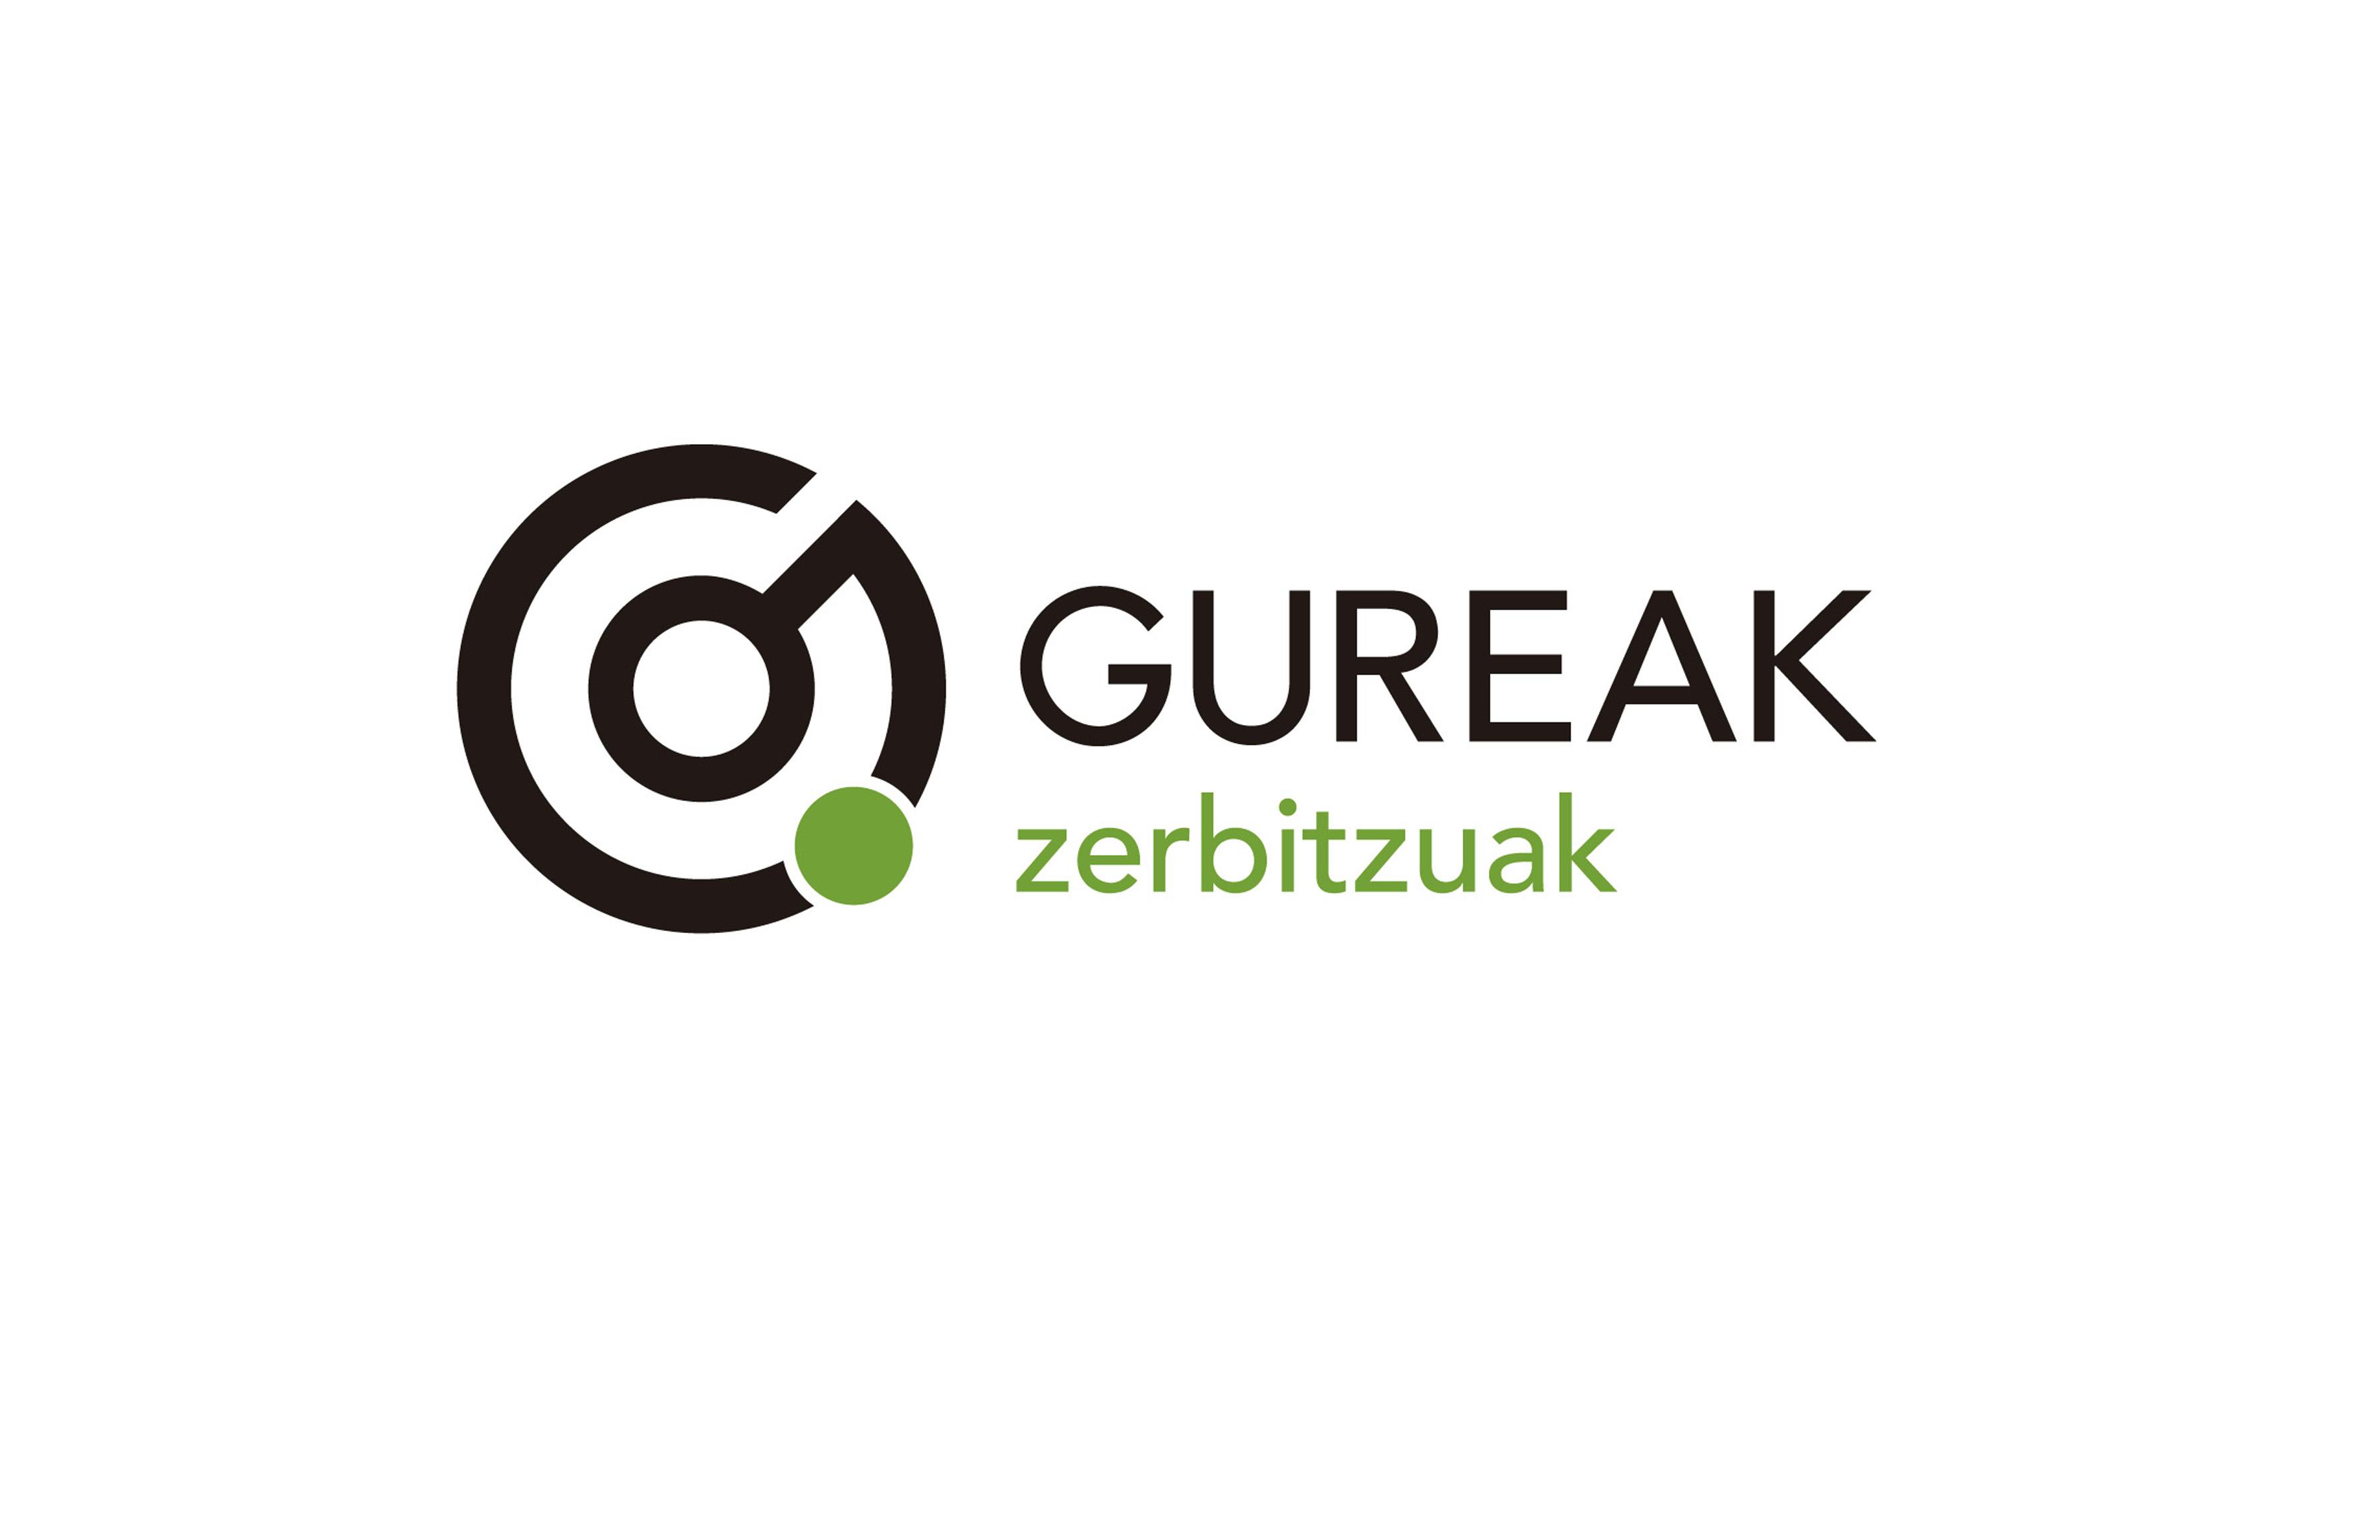 Gureak Serbitzuak